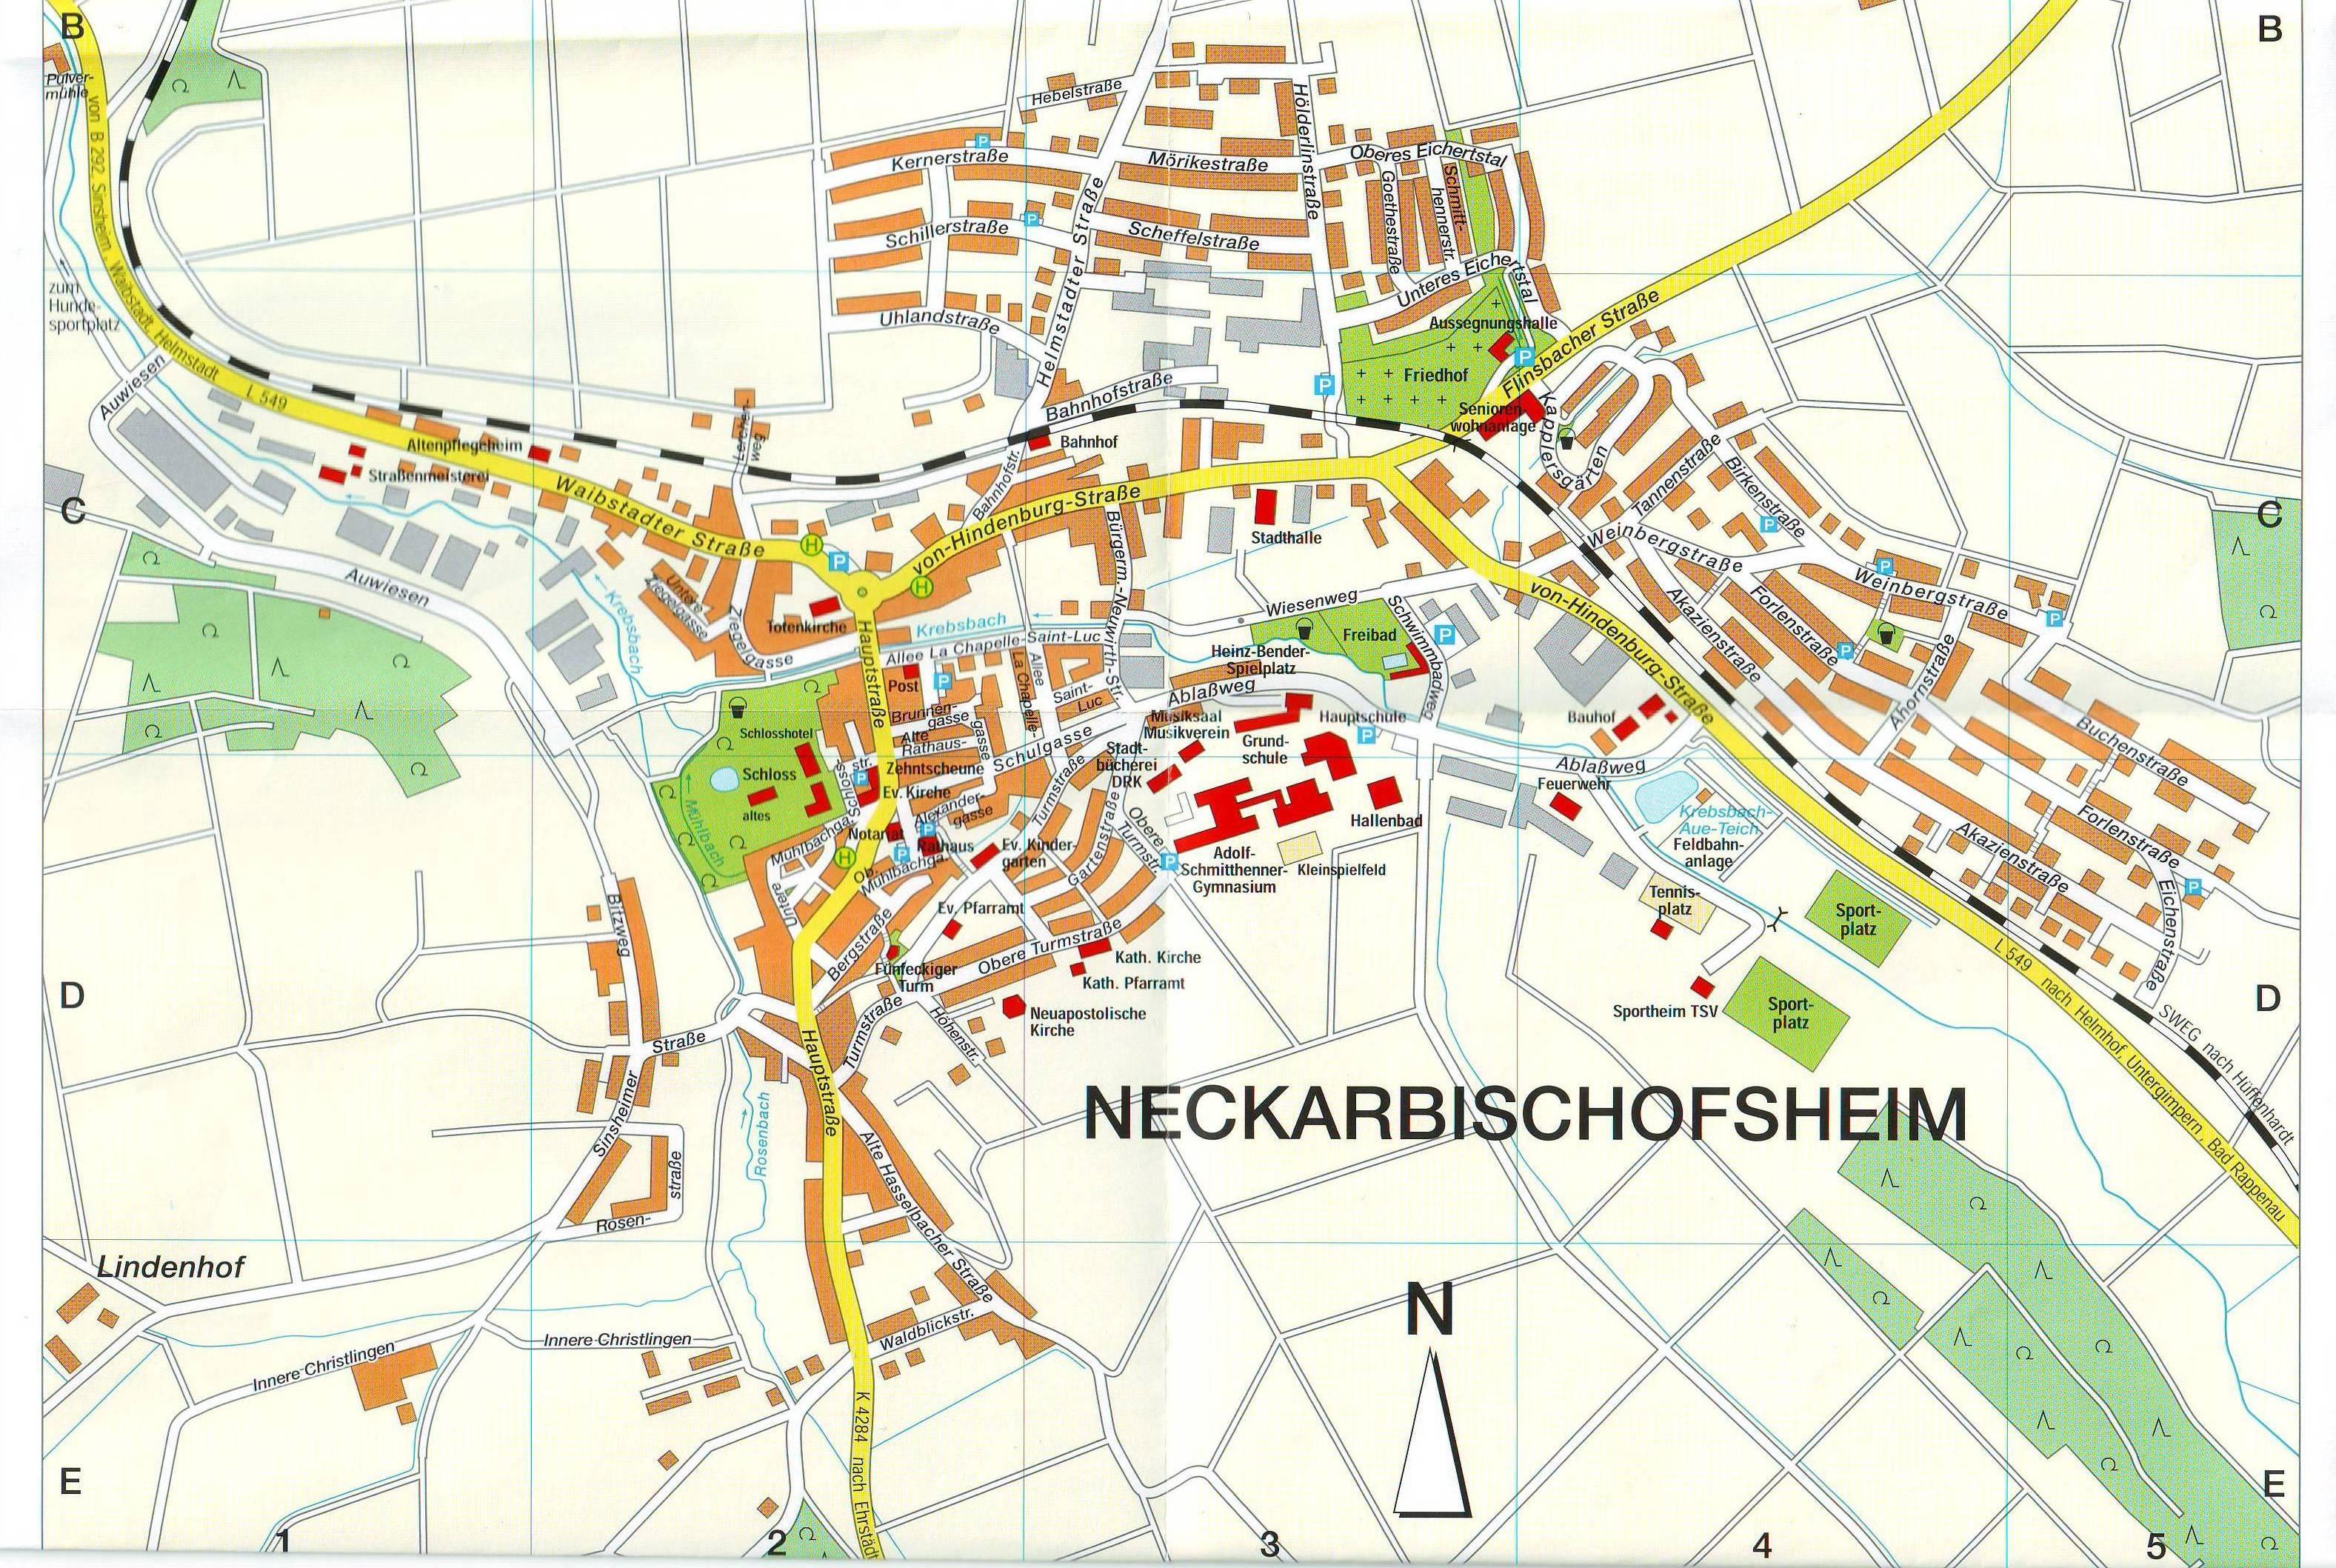 Stadt Neckarbischofsheim - Stadtplan